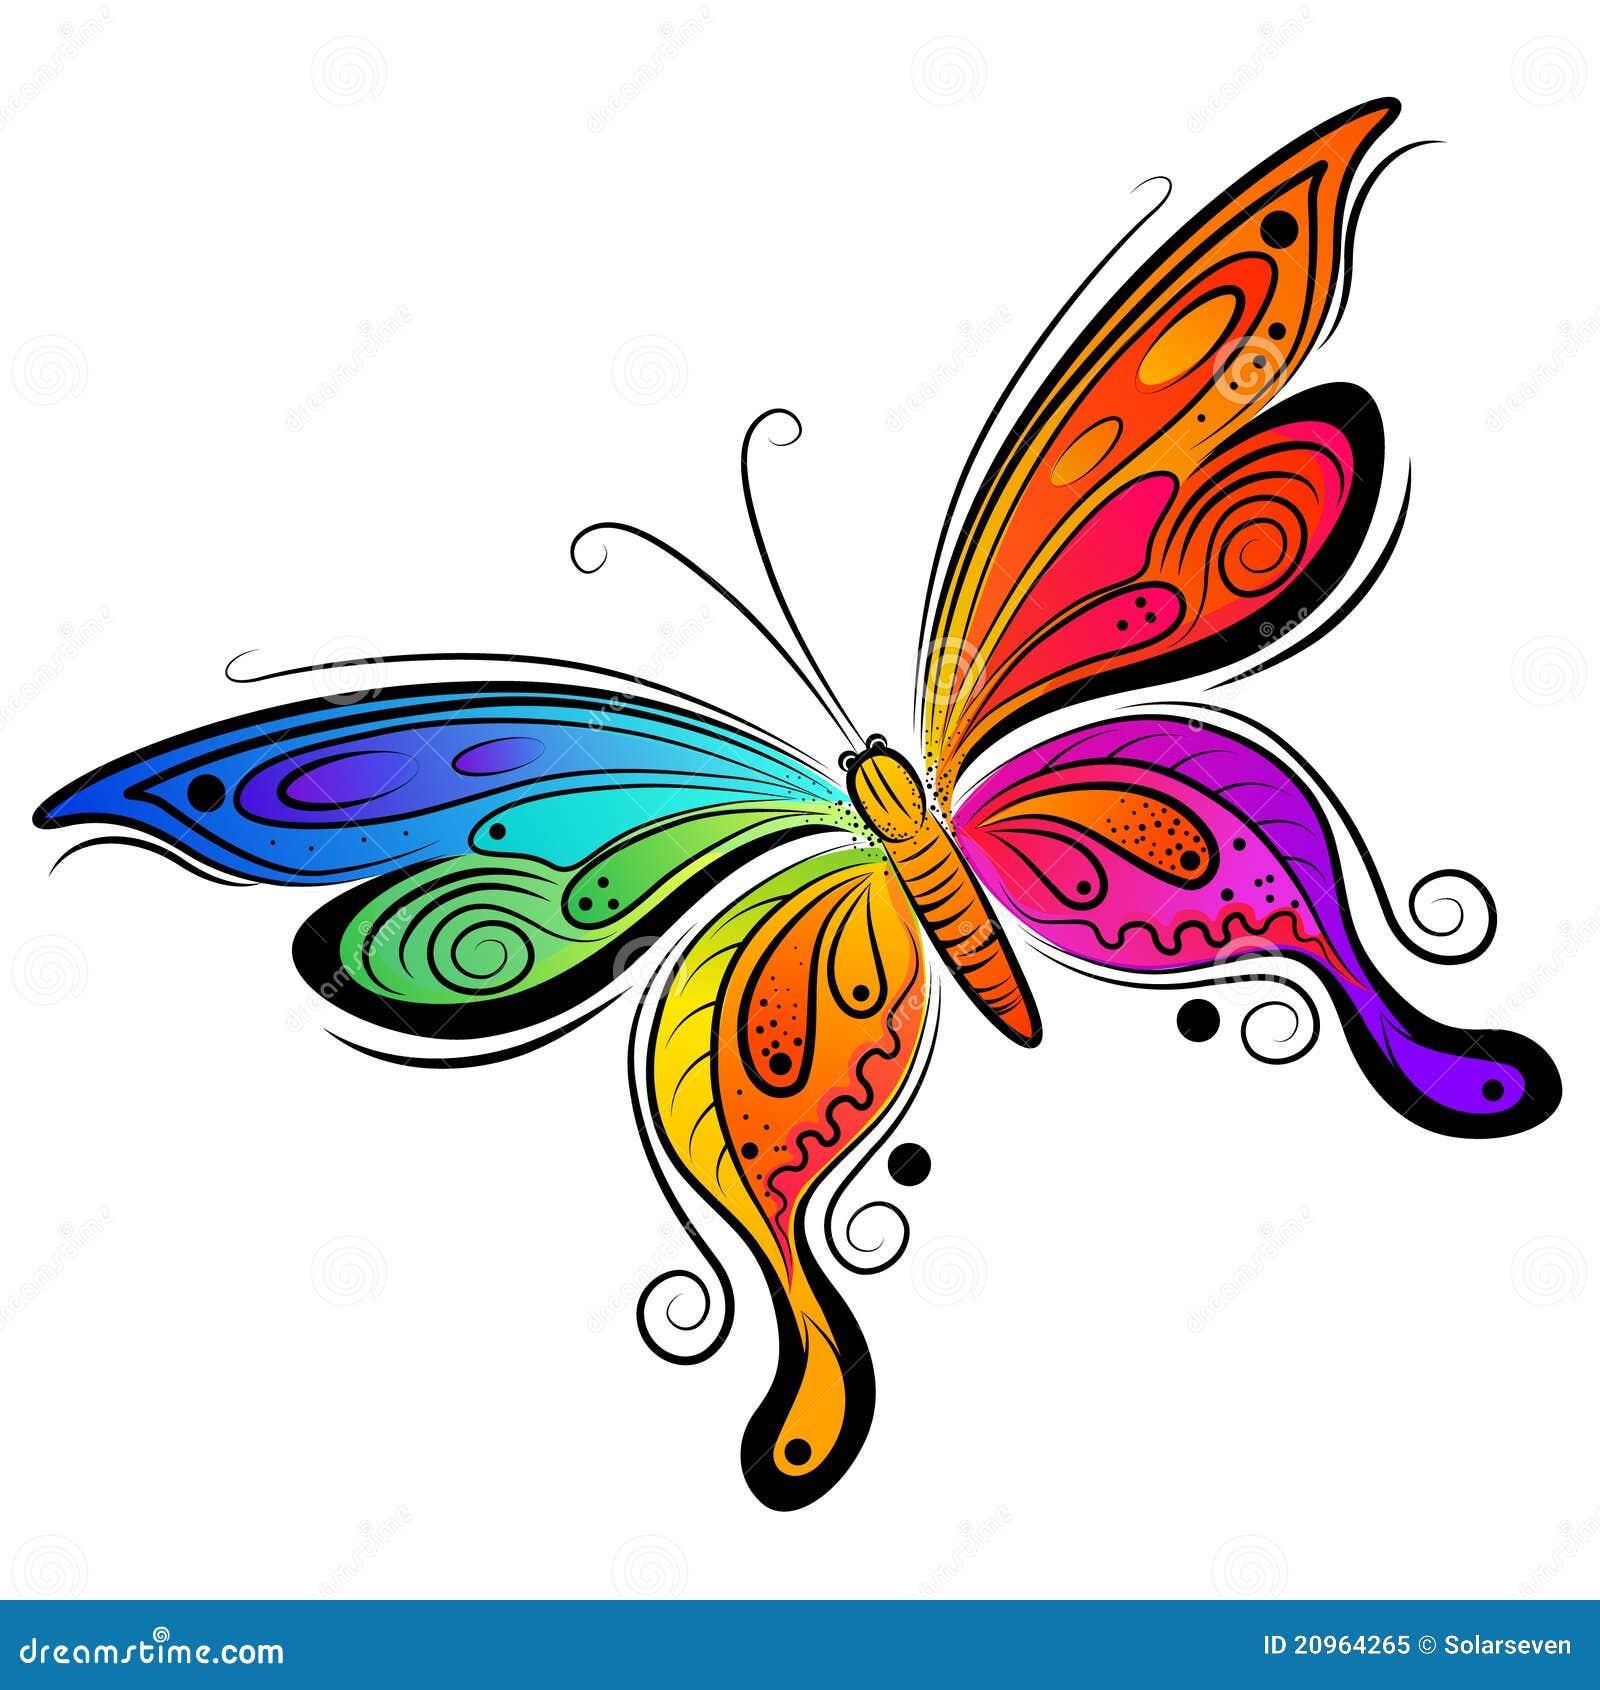 Disegno della farfalla di vettore illustrazione vettoriale - Immagini di farfalle a colori ...